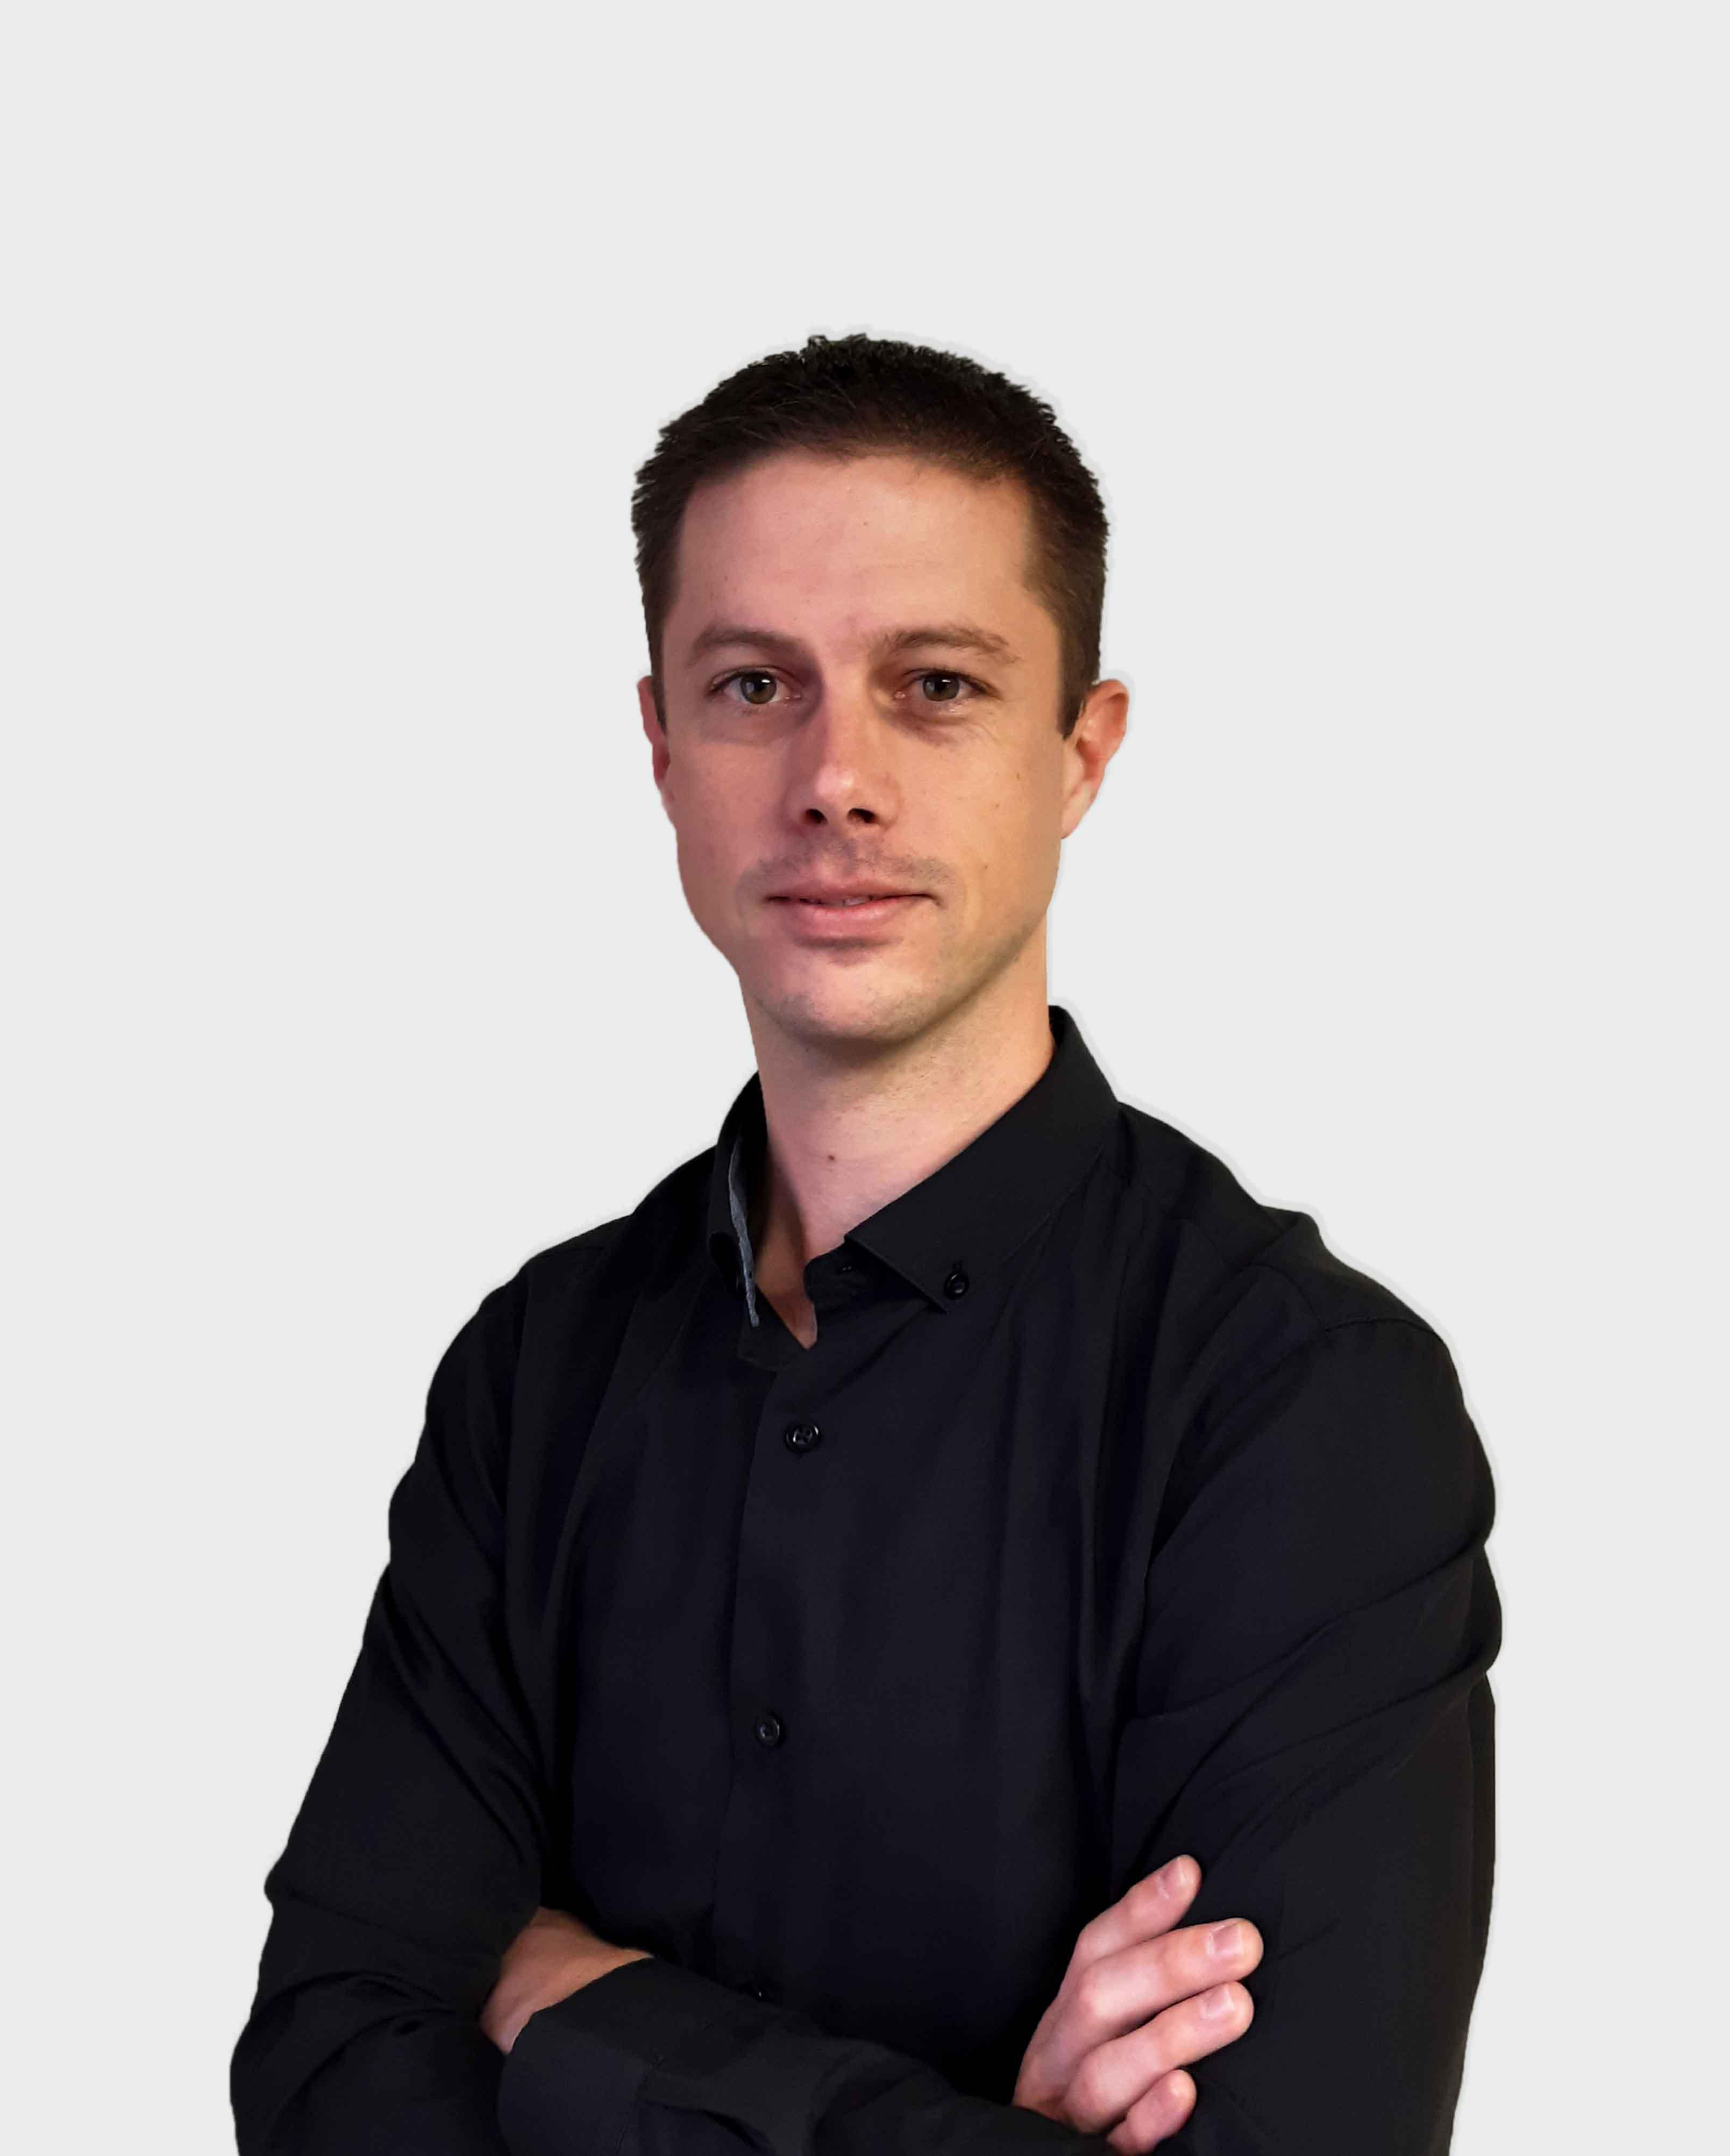 Stuart Tawse